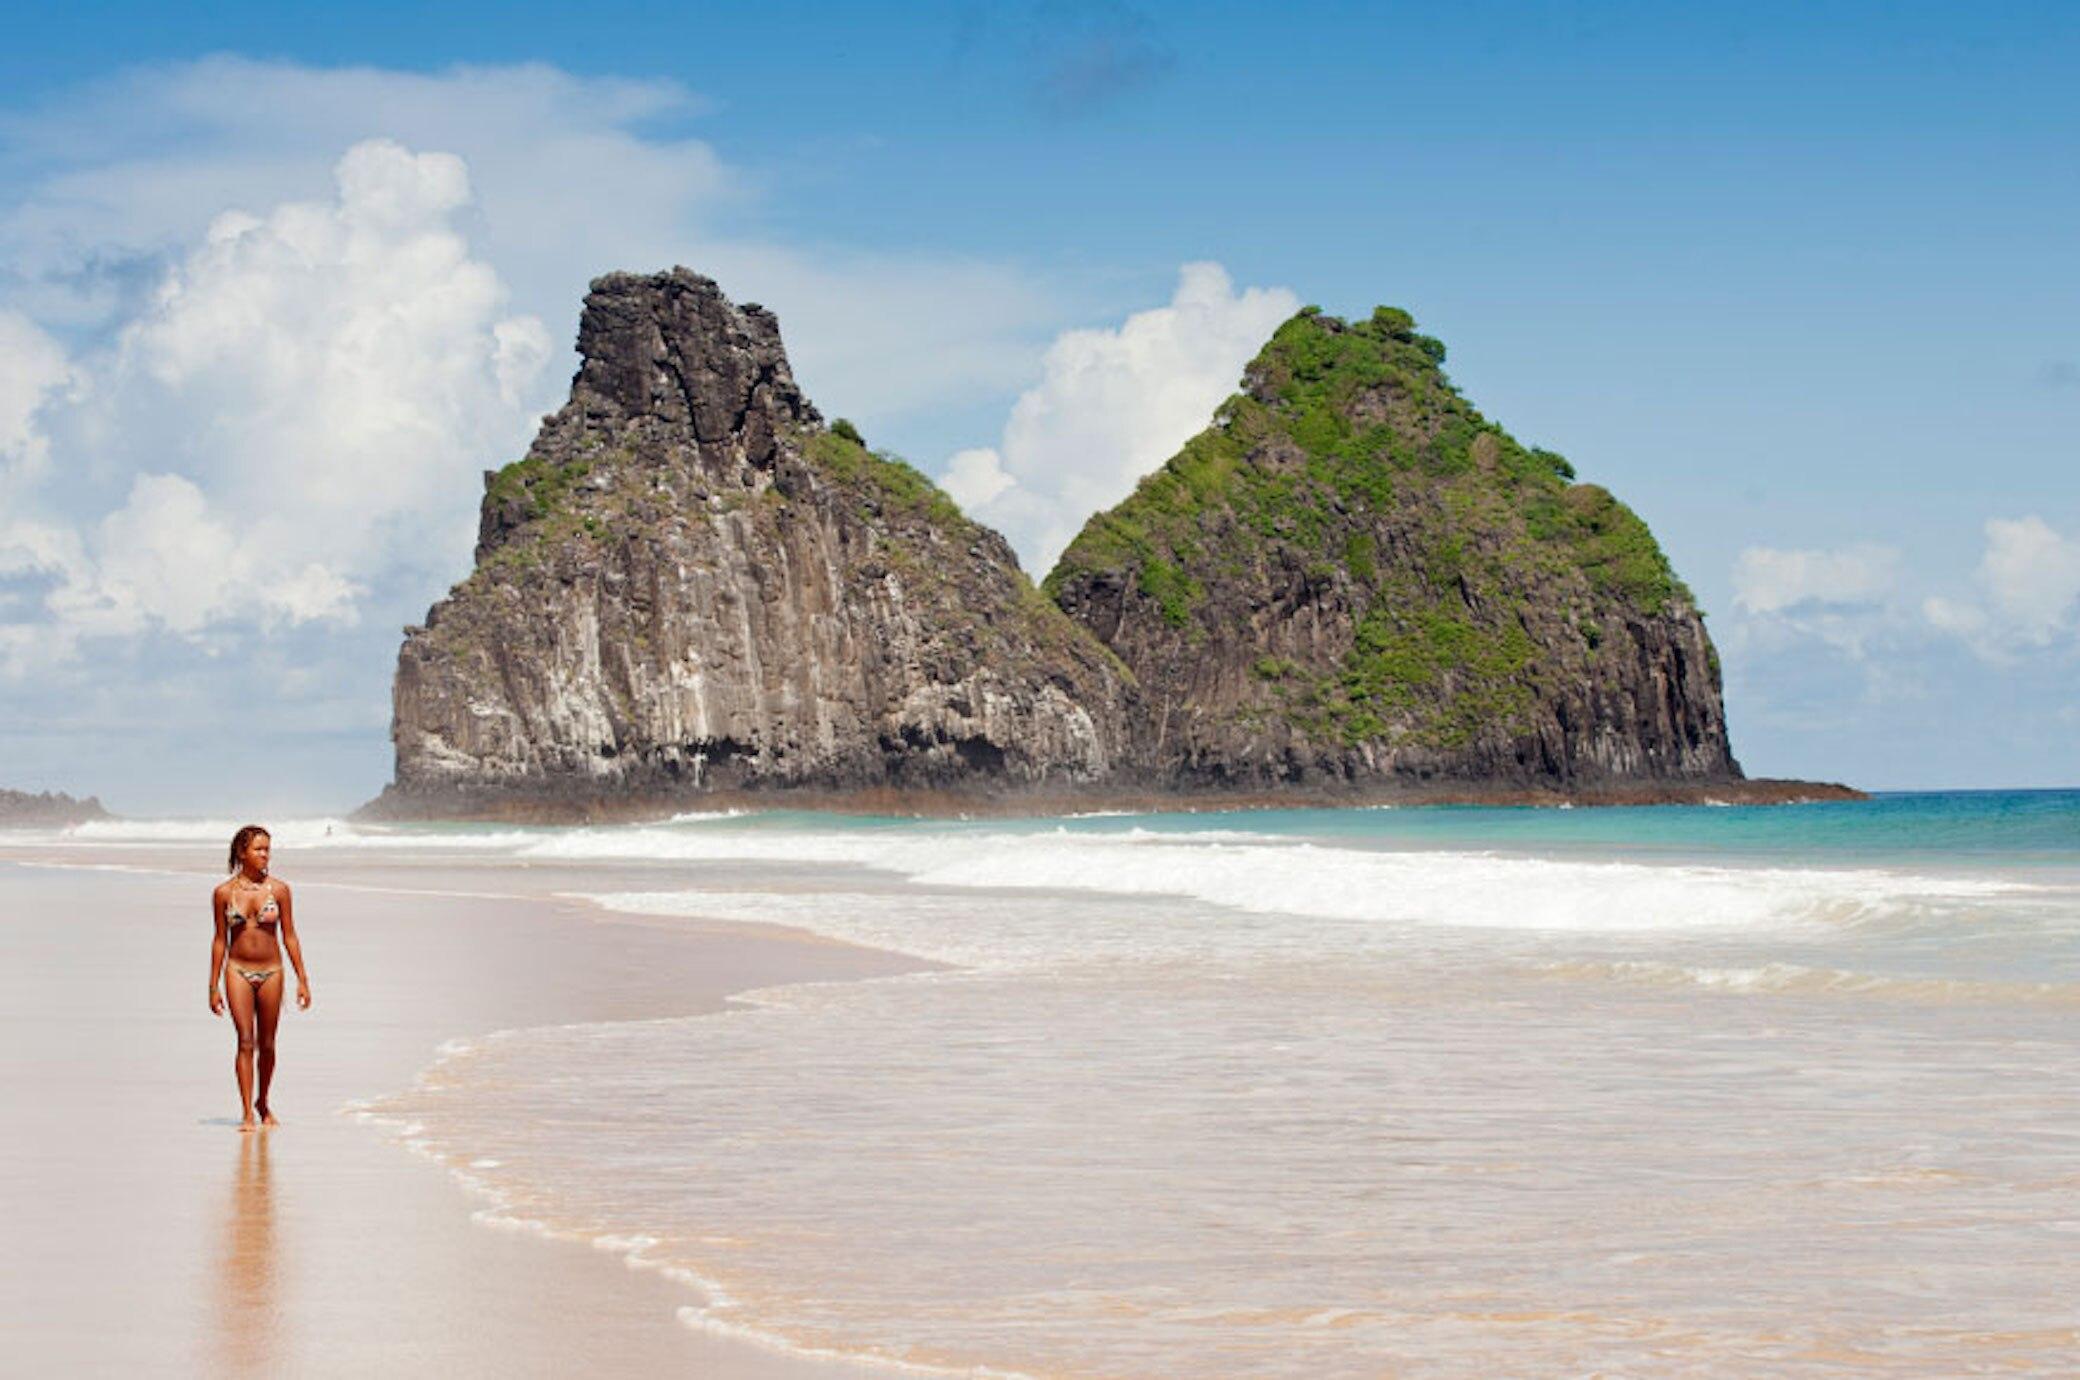 Von Urlaubern Bewertet Die 11 Schonsten Strande Der Welt Travelbook